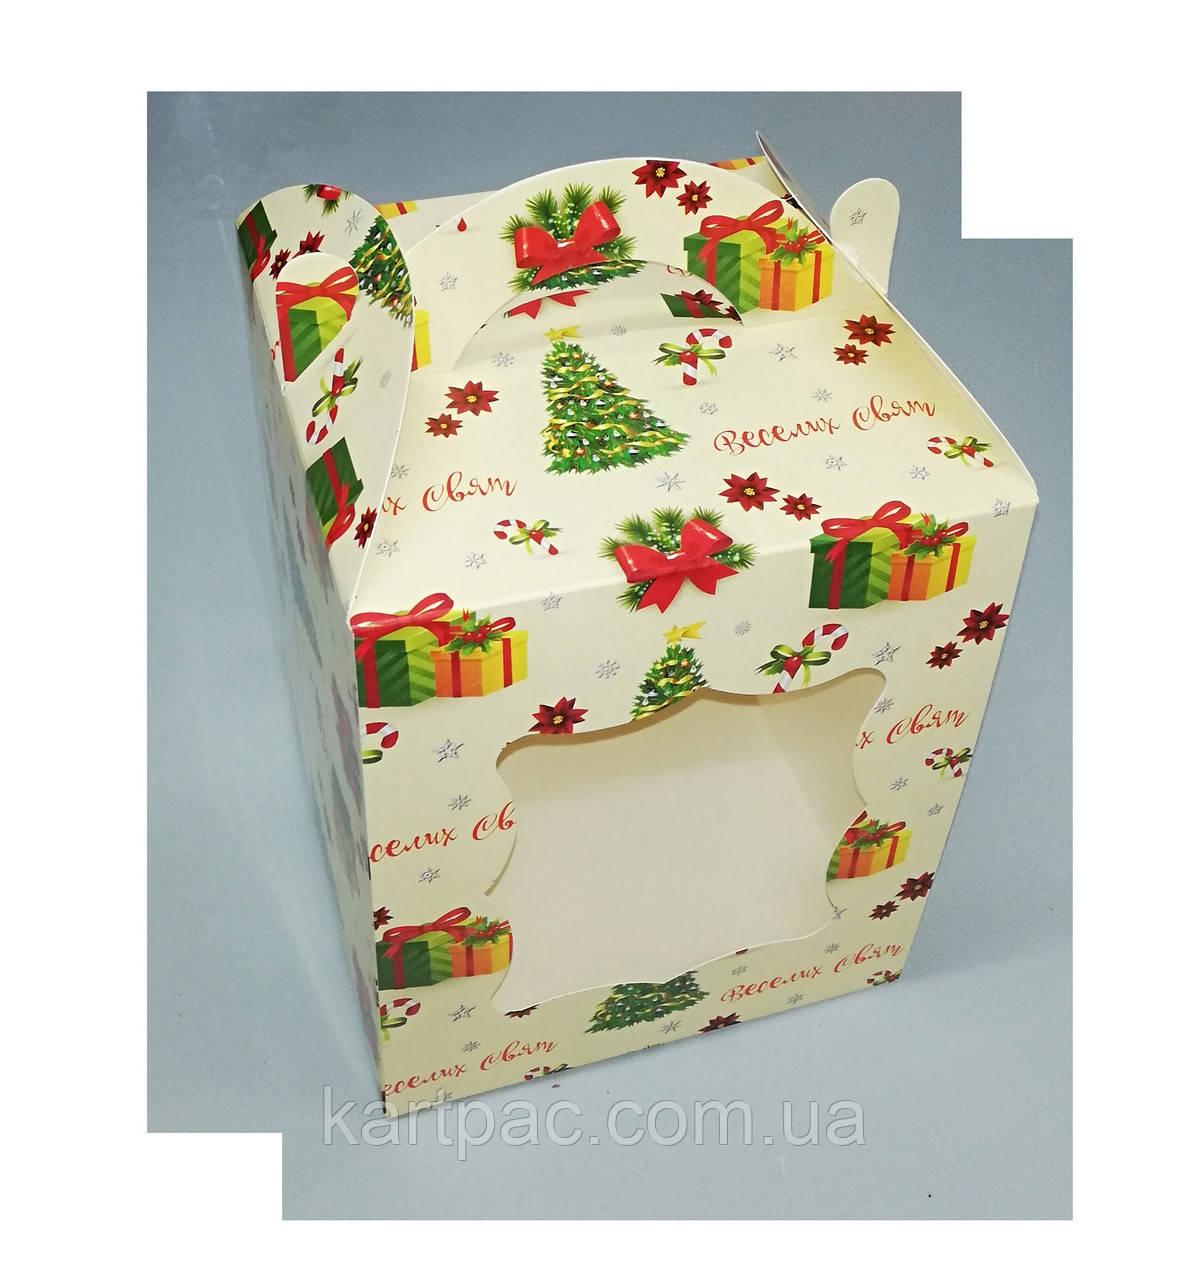 Коробка для торта, пряников, кондитерских изделий 170*170*210 мелованная елка